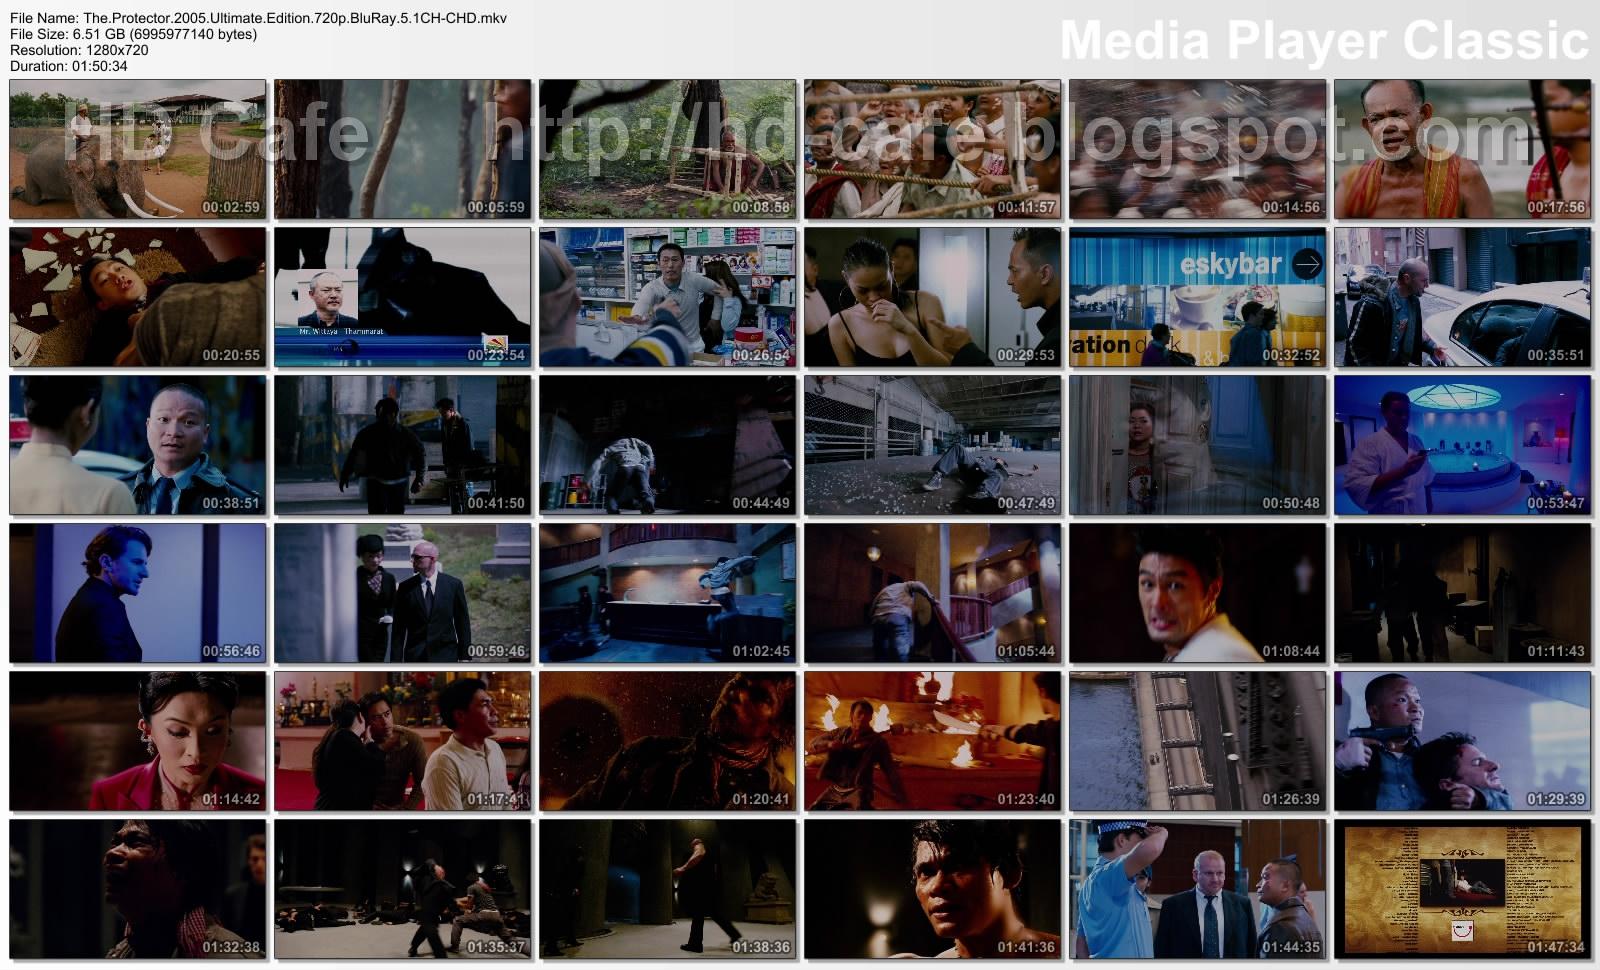 http://2.bp.blogspot.com/-PMD7-pVkzx0/TqBBr-f4PYI/AAAAAAAABSk/6huFgELOShs/s1600/The-Protector-2005-thumbs.jpg